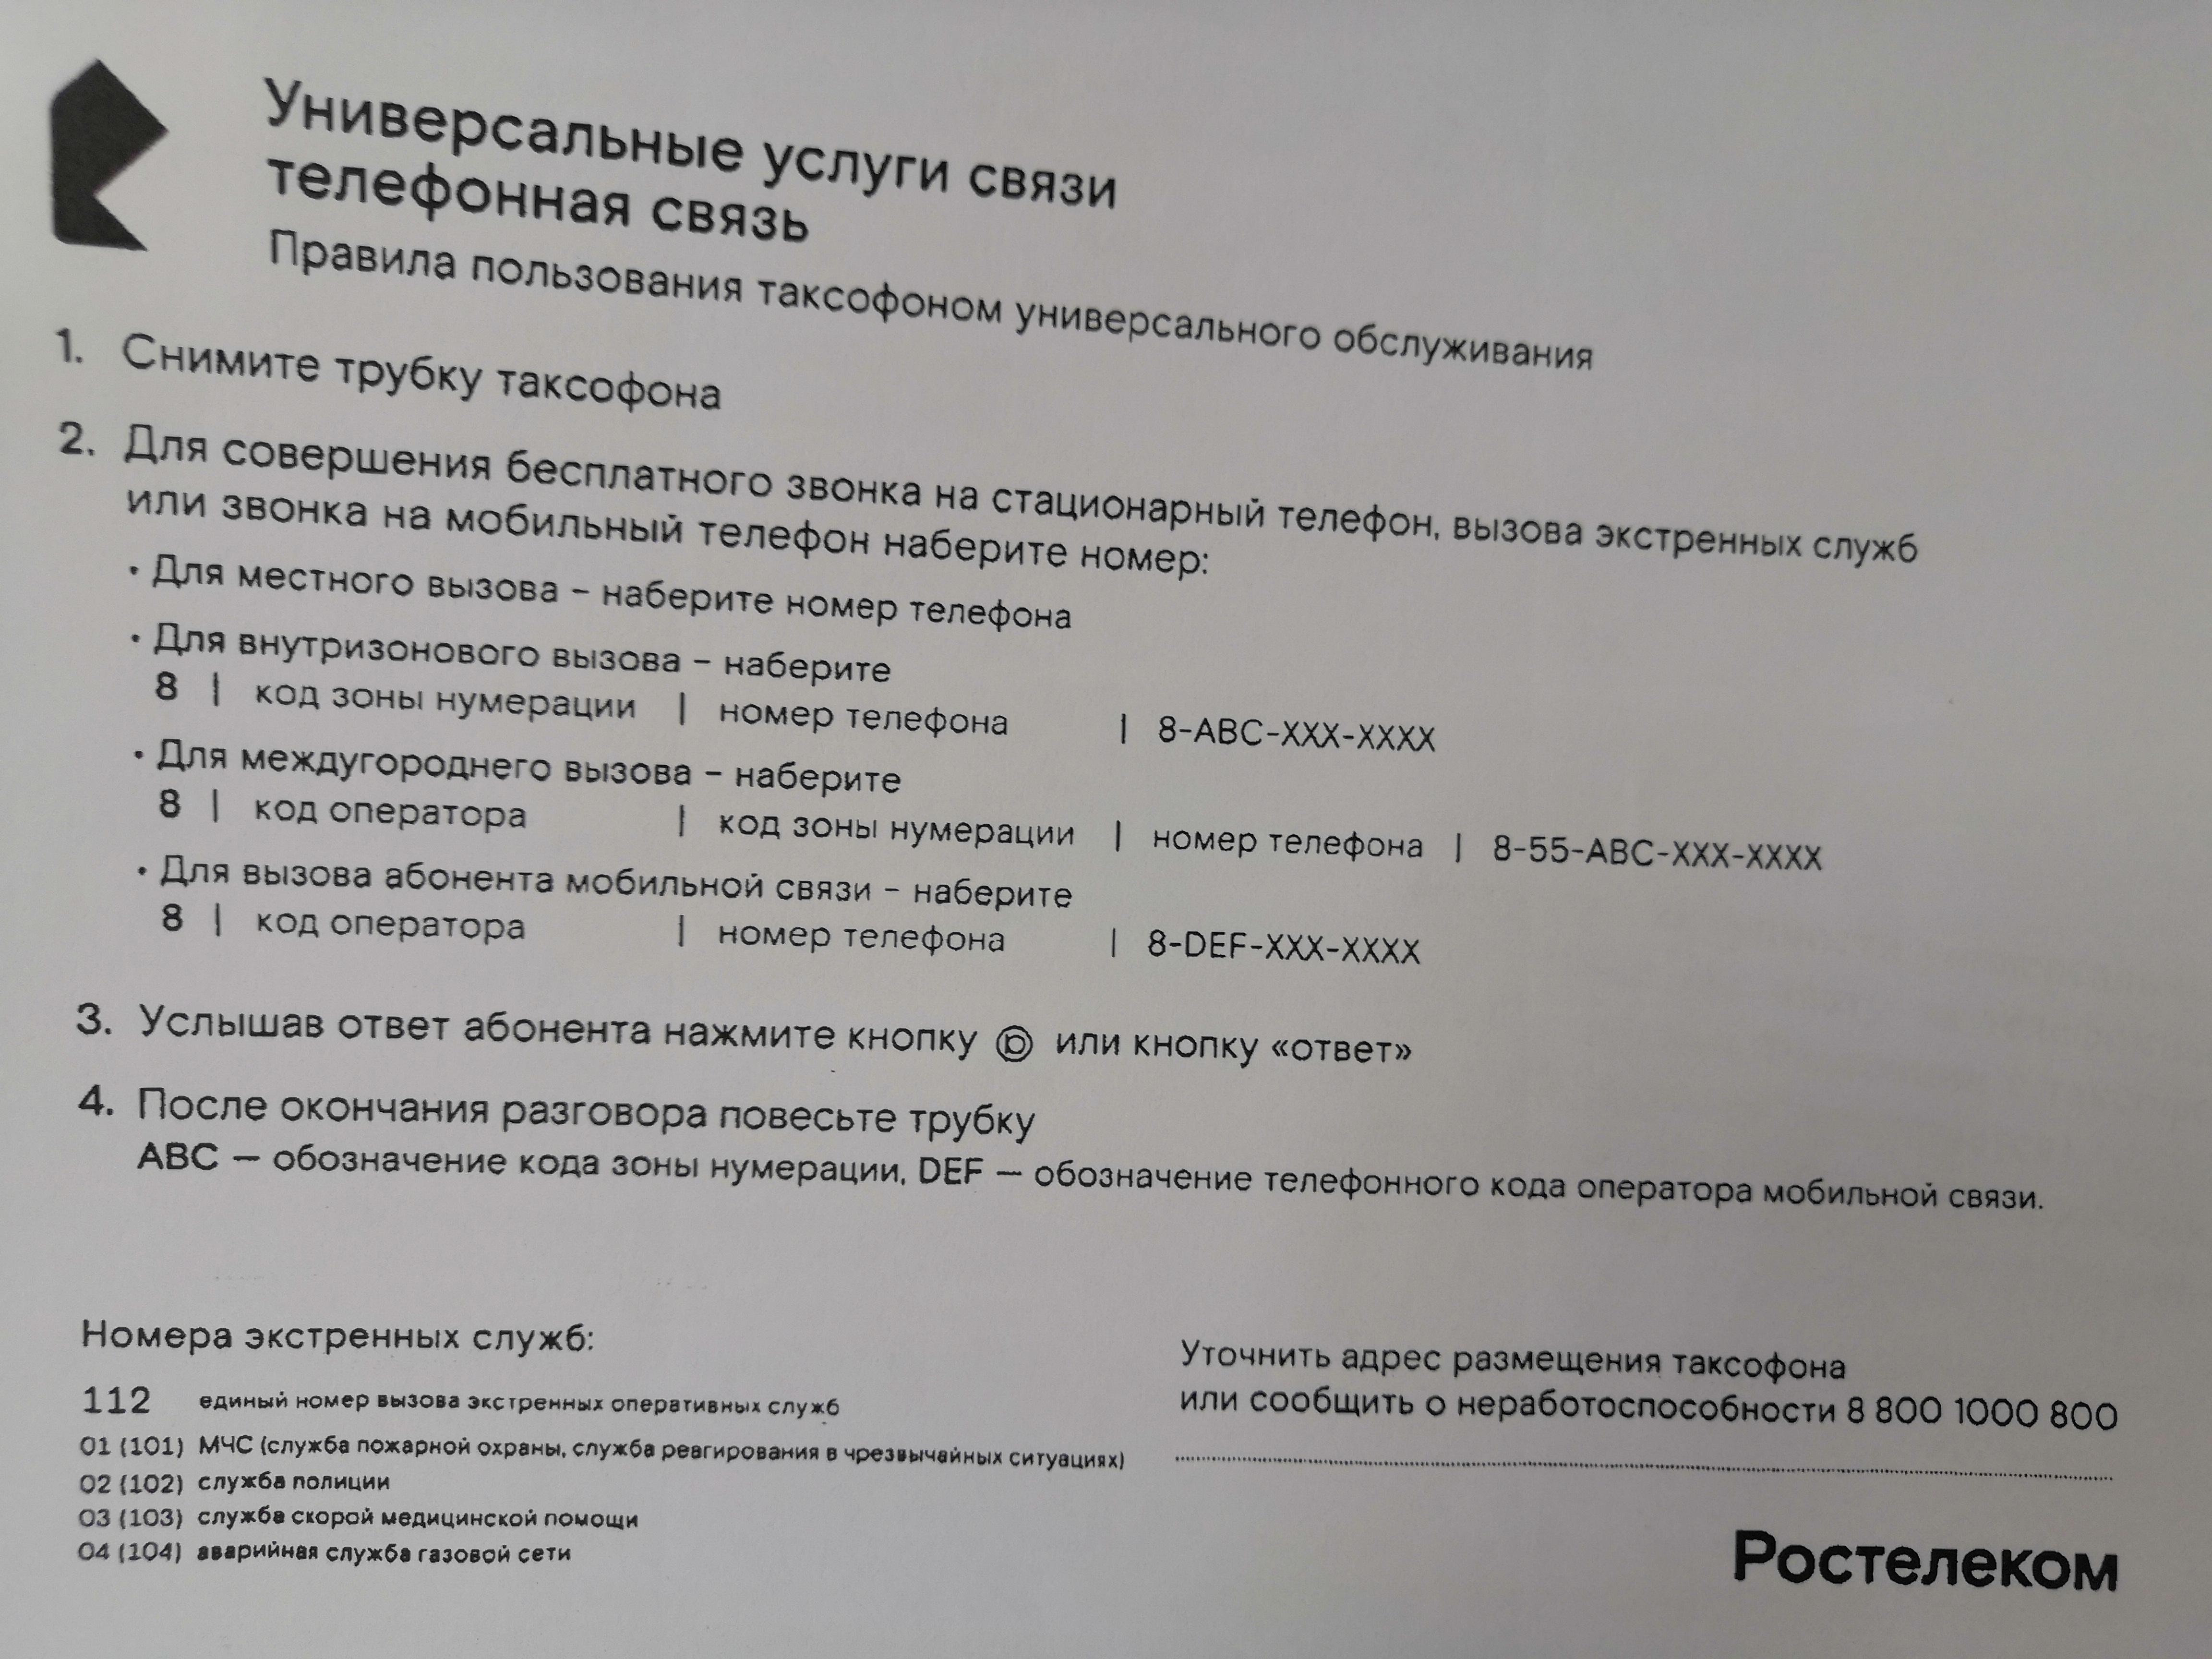 Отменена плата за звонки с таксофонов на номера мобильных телефонов